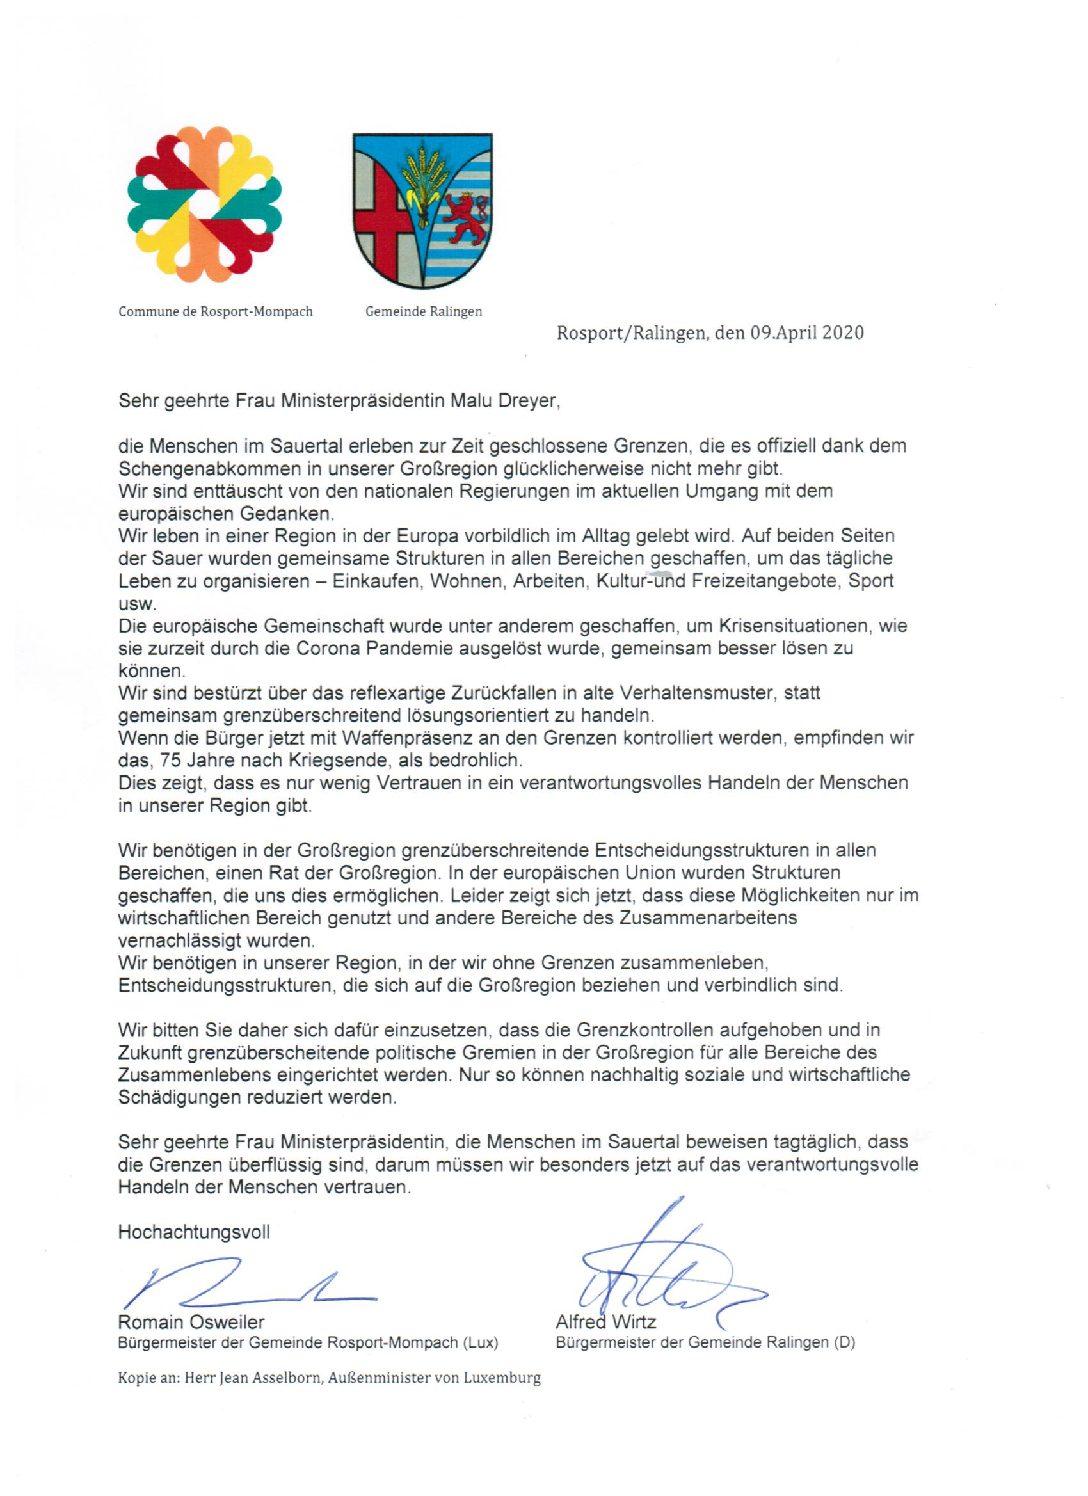 CORONA-Pandemie: Grenzschließungen zu Luxemburg